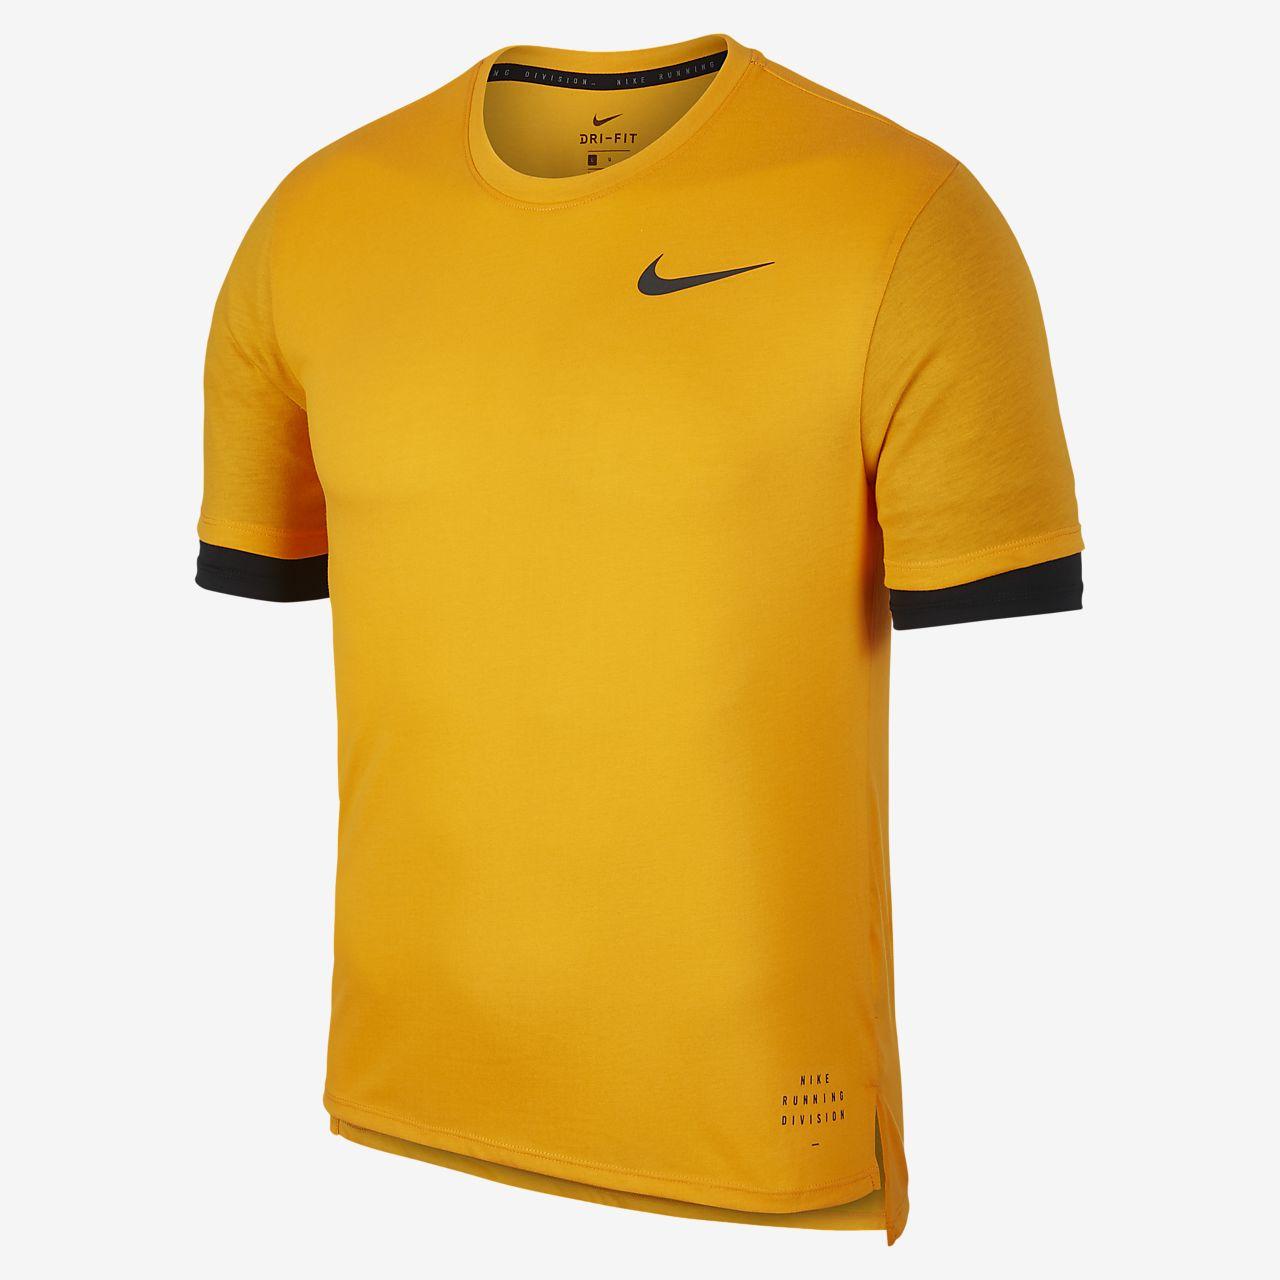 af40d2b3fc46 Pánské běžecké tričko Nike Run Division Rise 365 s krátkým rukávem ...